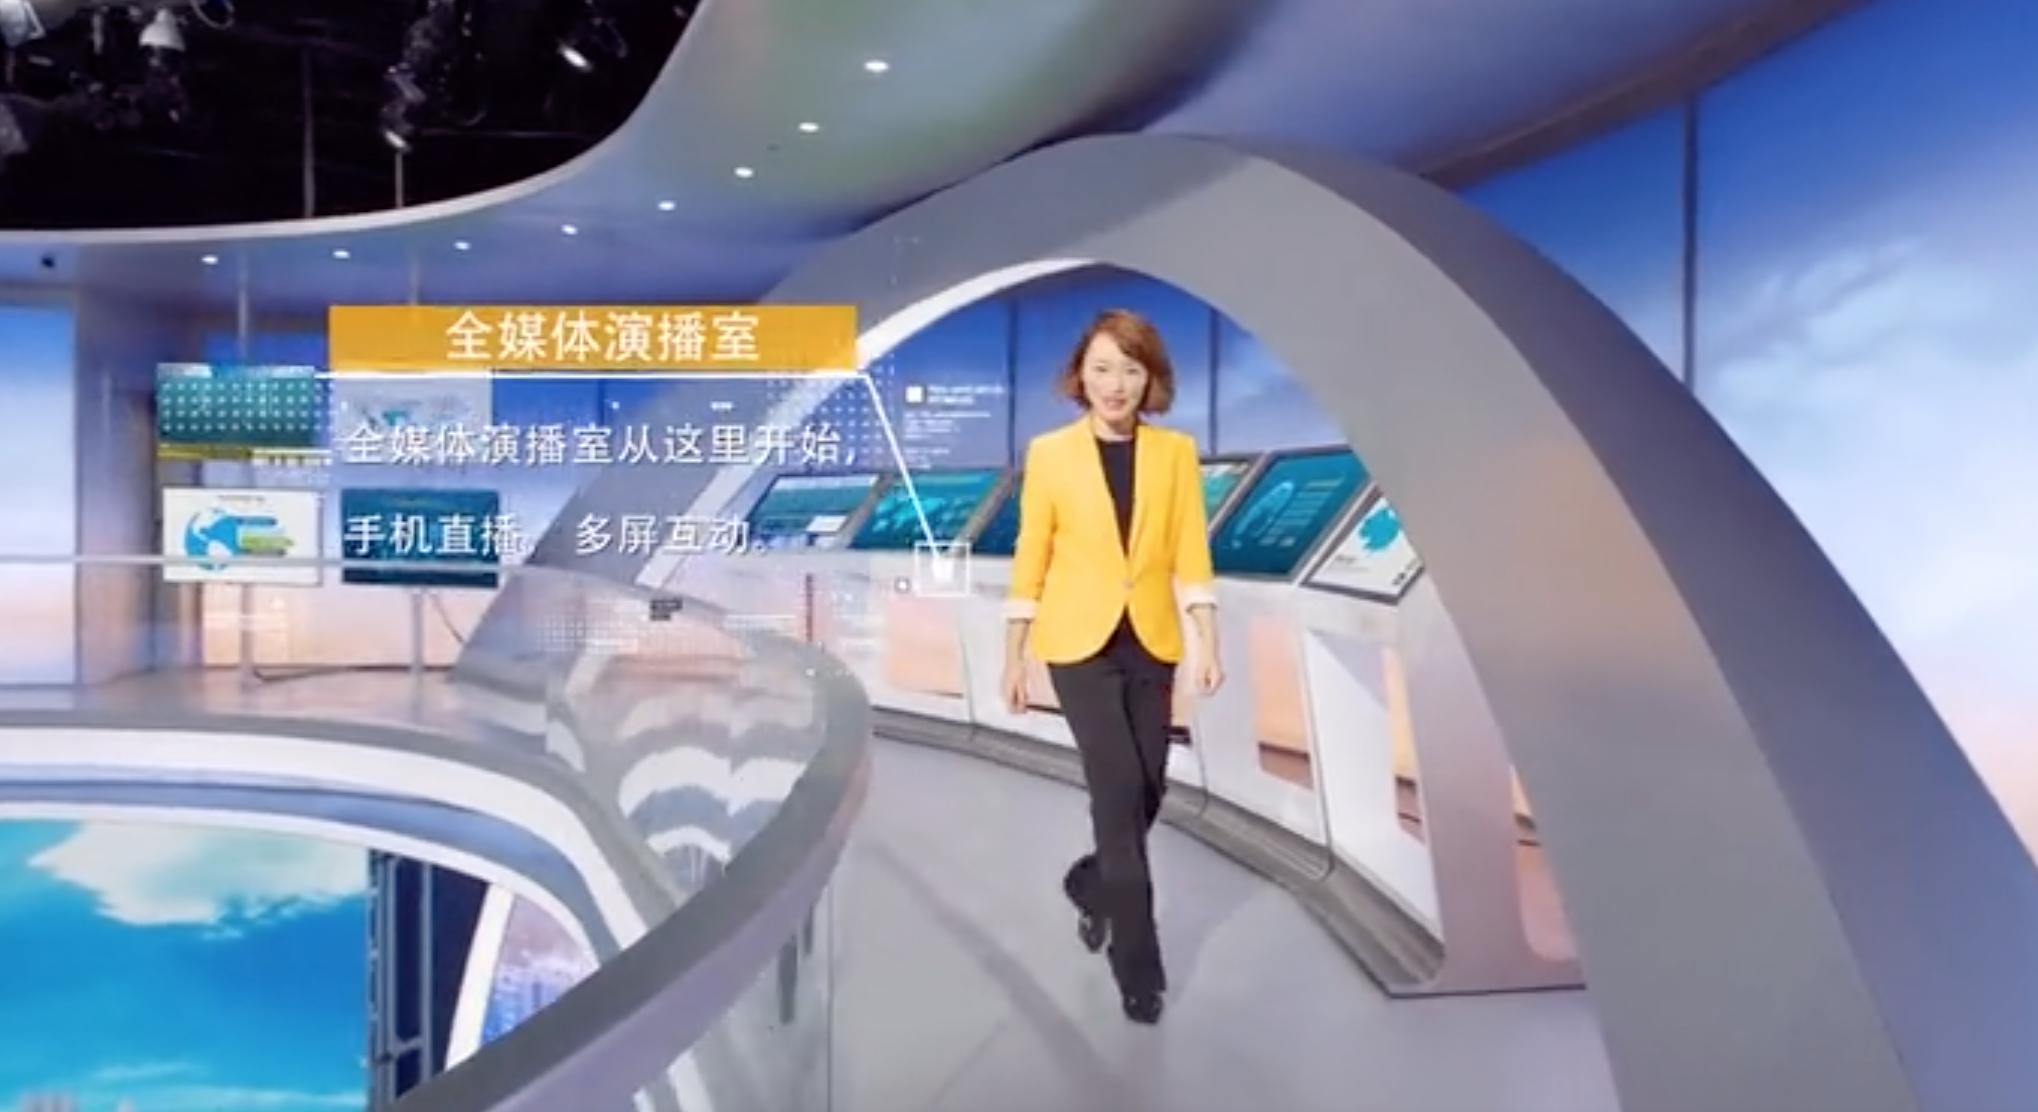 广州广播电视台综合频道全媒体高清演播室艺术集成